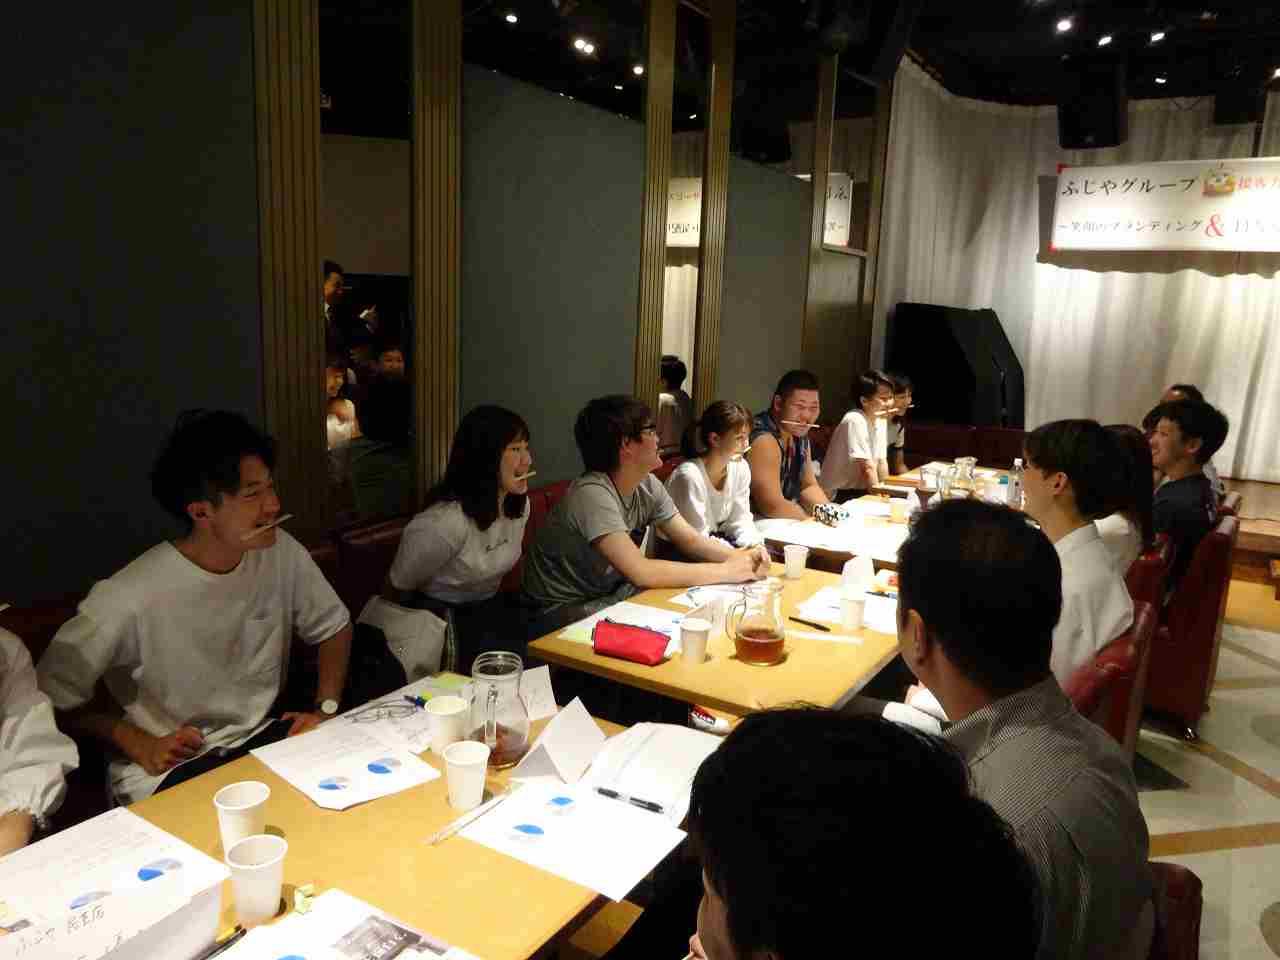 ″心のブレーキ″をはずして笑顔の接客を☆ 居酒屋業態でのサービスマナー研修を開催!